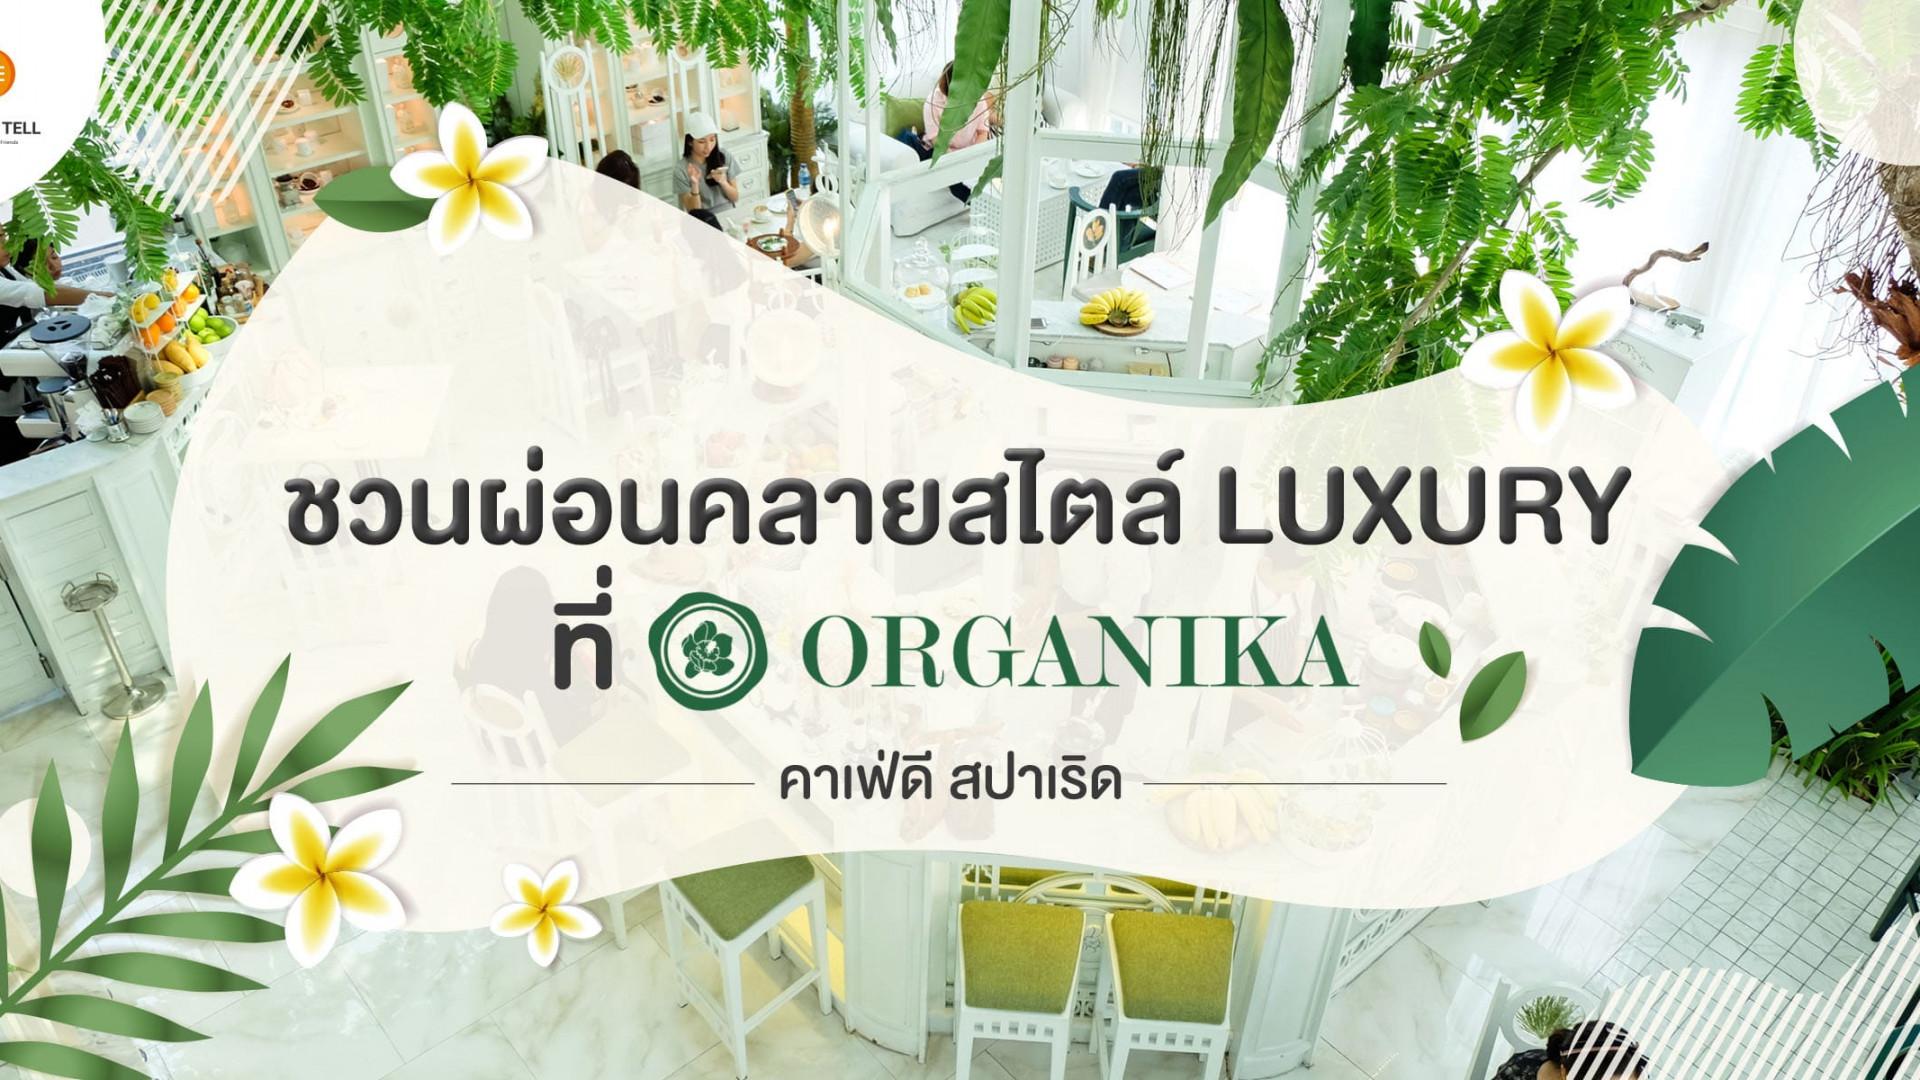 Organika Bangkok คาเฟ่พร้อมสปา ส่วนผสมของการผ่อนคลายที่ลงตัว